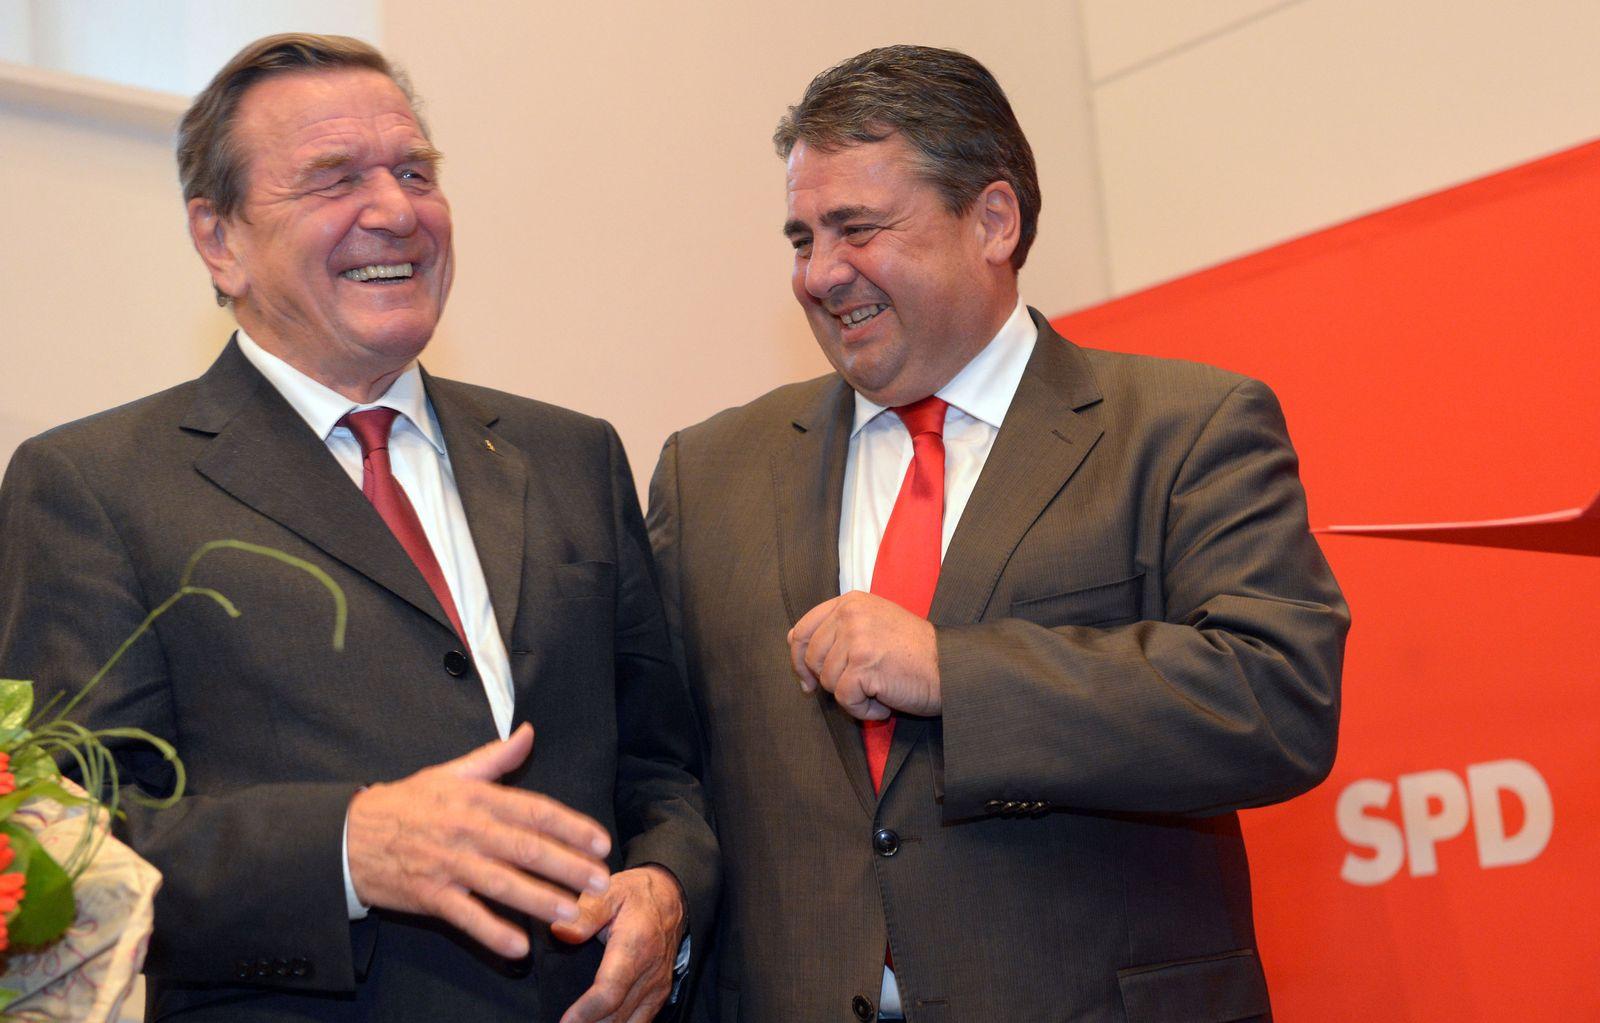 Gerhard Schröder/ Sigmar Gabriel